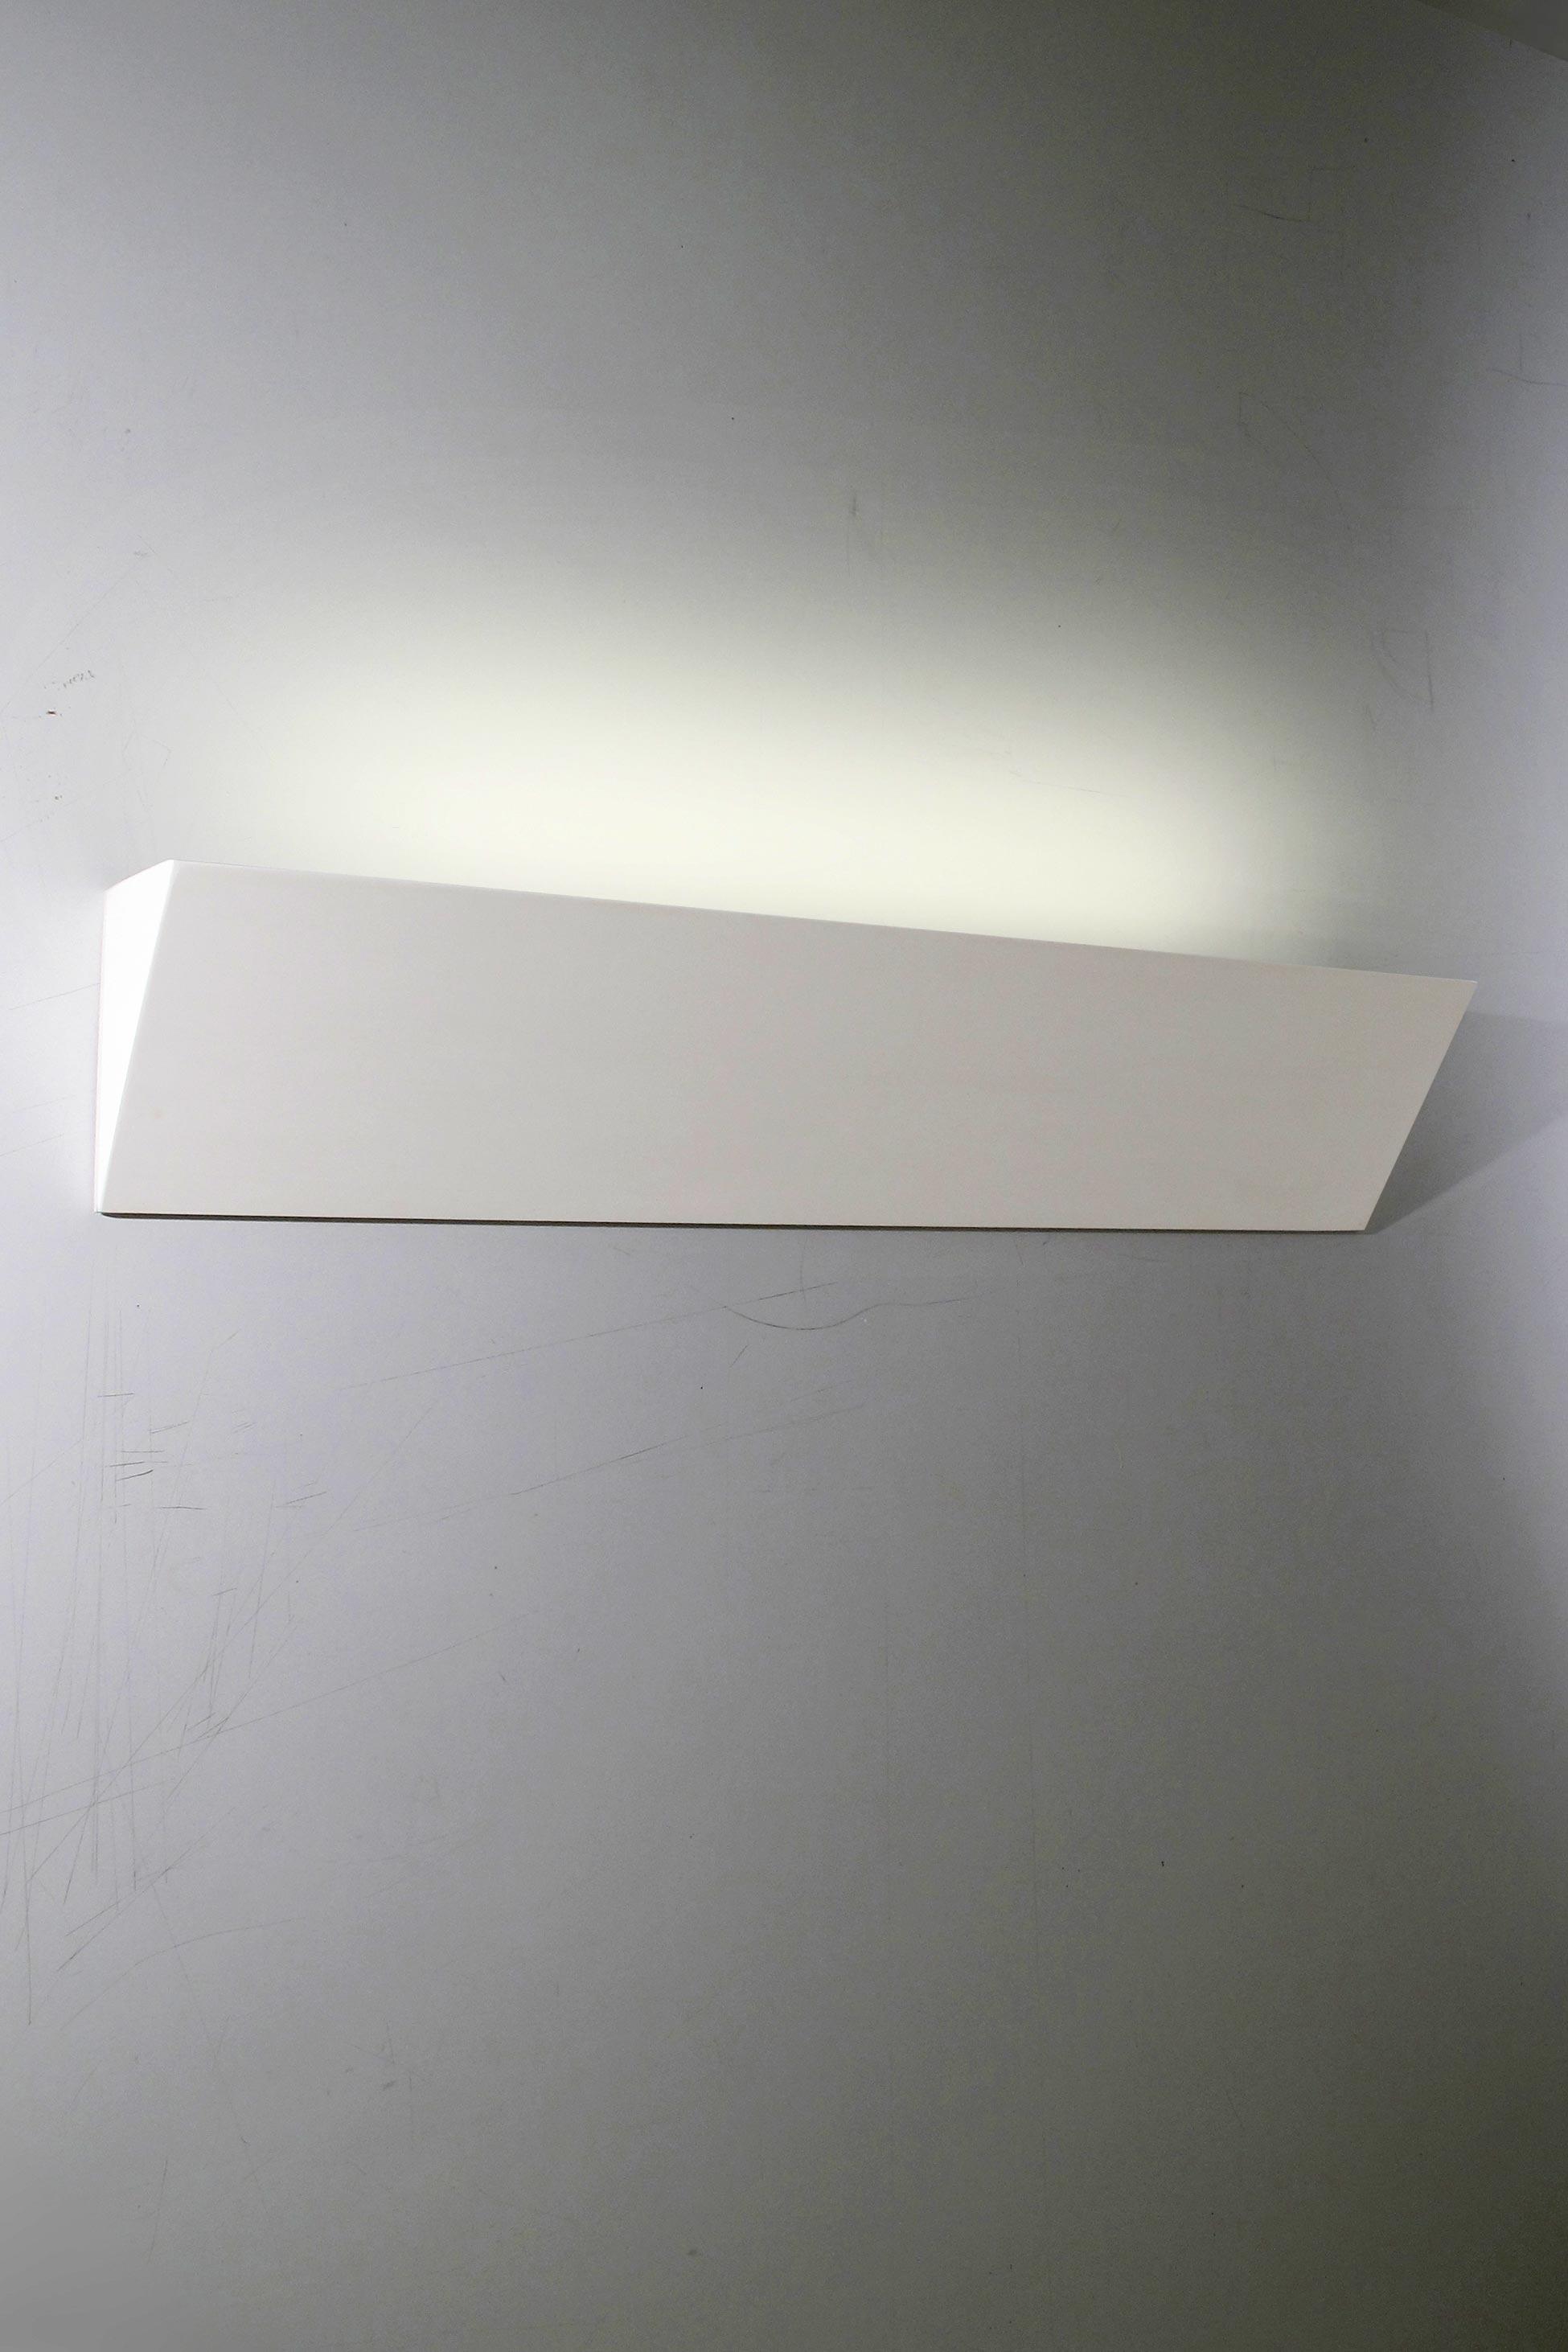 Applique Pli 60 en dièdre de plâtre naturel blanc 64cm. Sedap.